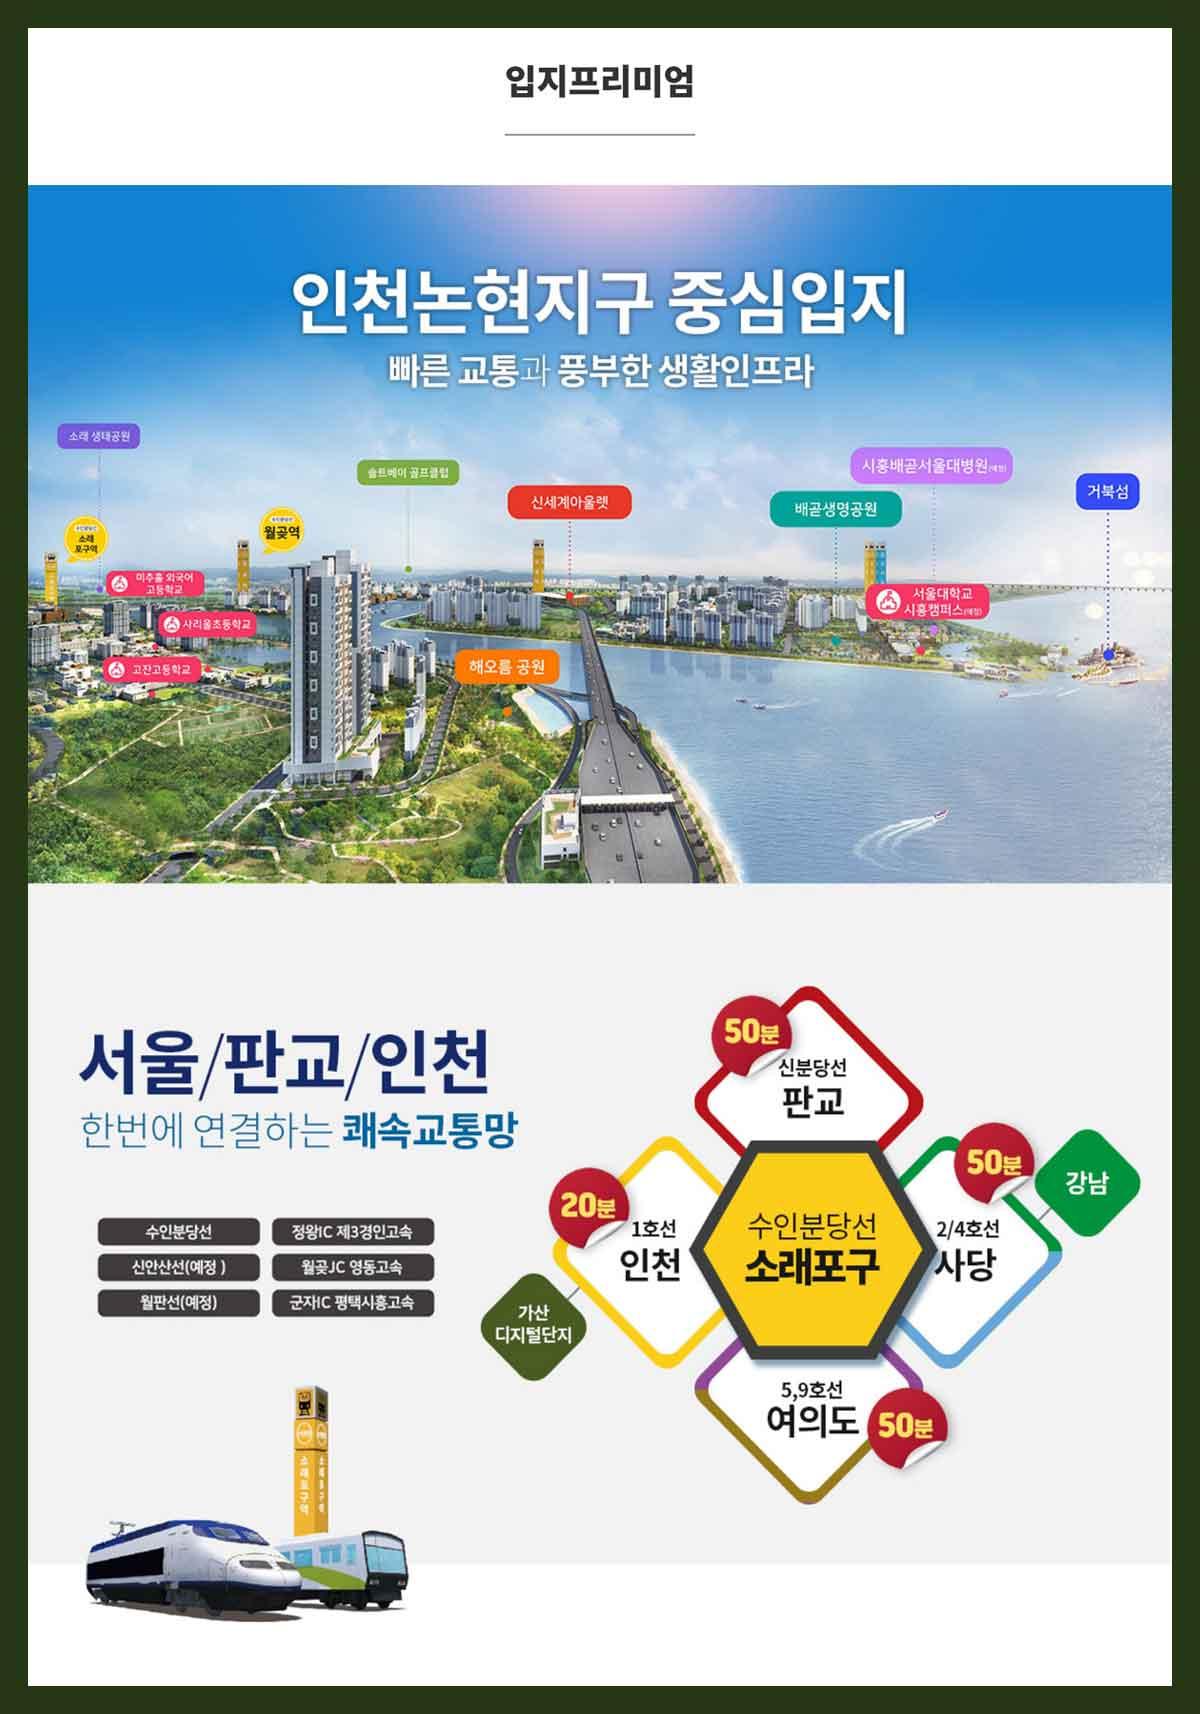 인천논현아리스타-입지프리미엄